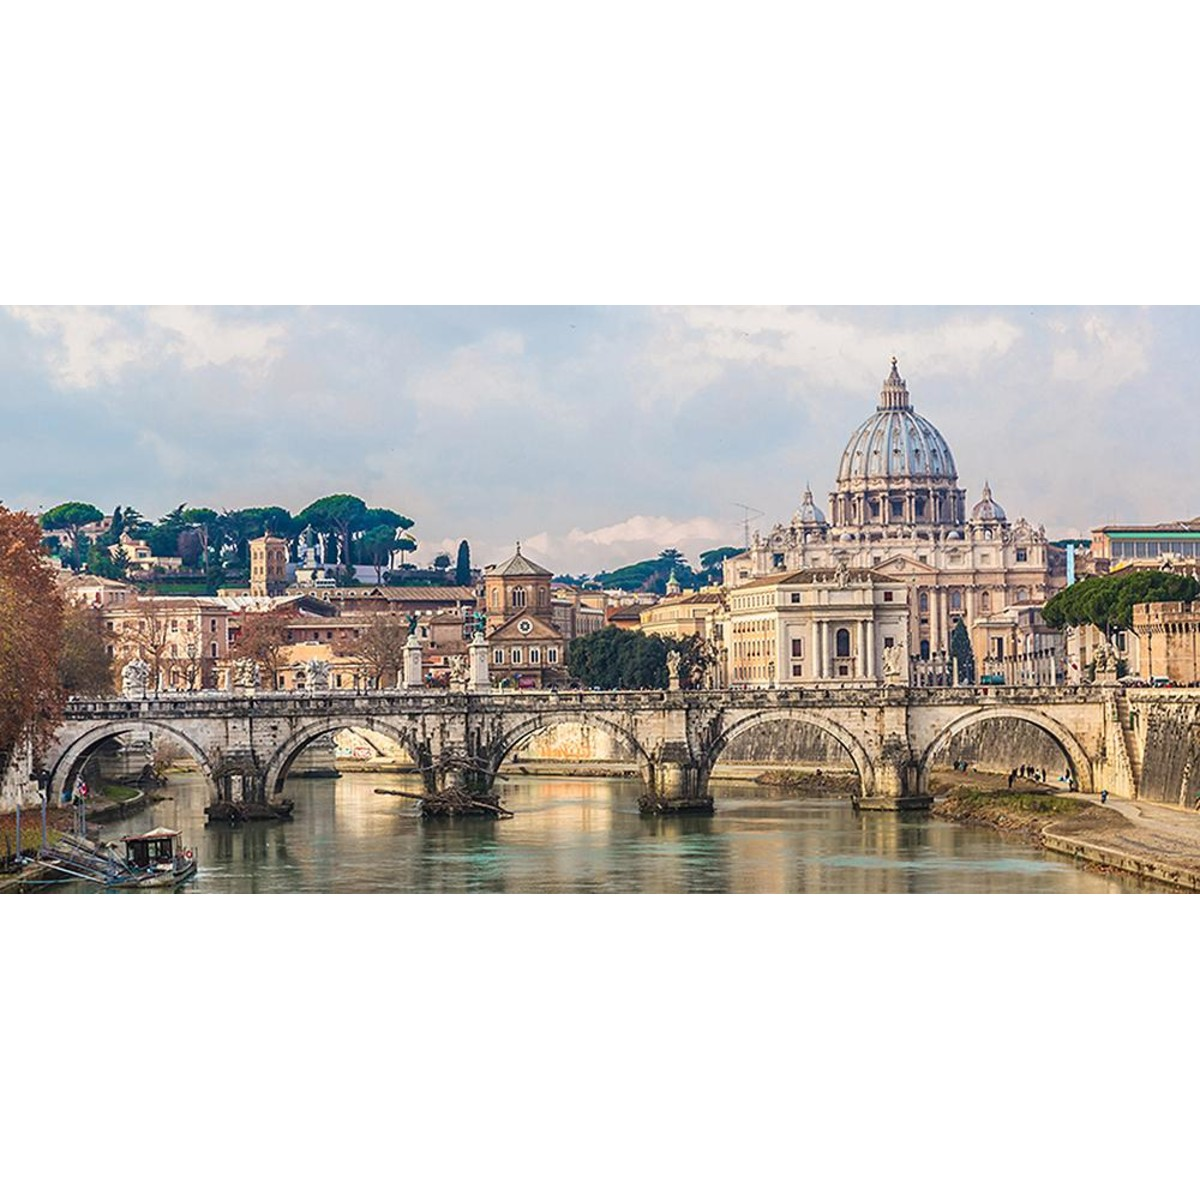 Фотообои Divino Decor Мост Сан-Анджело в Риме C-344 300х147 см